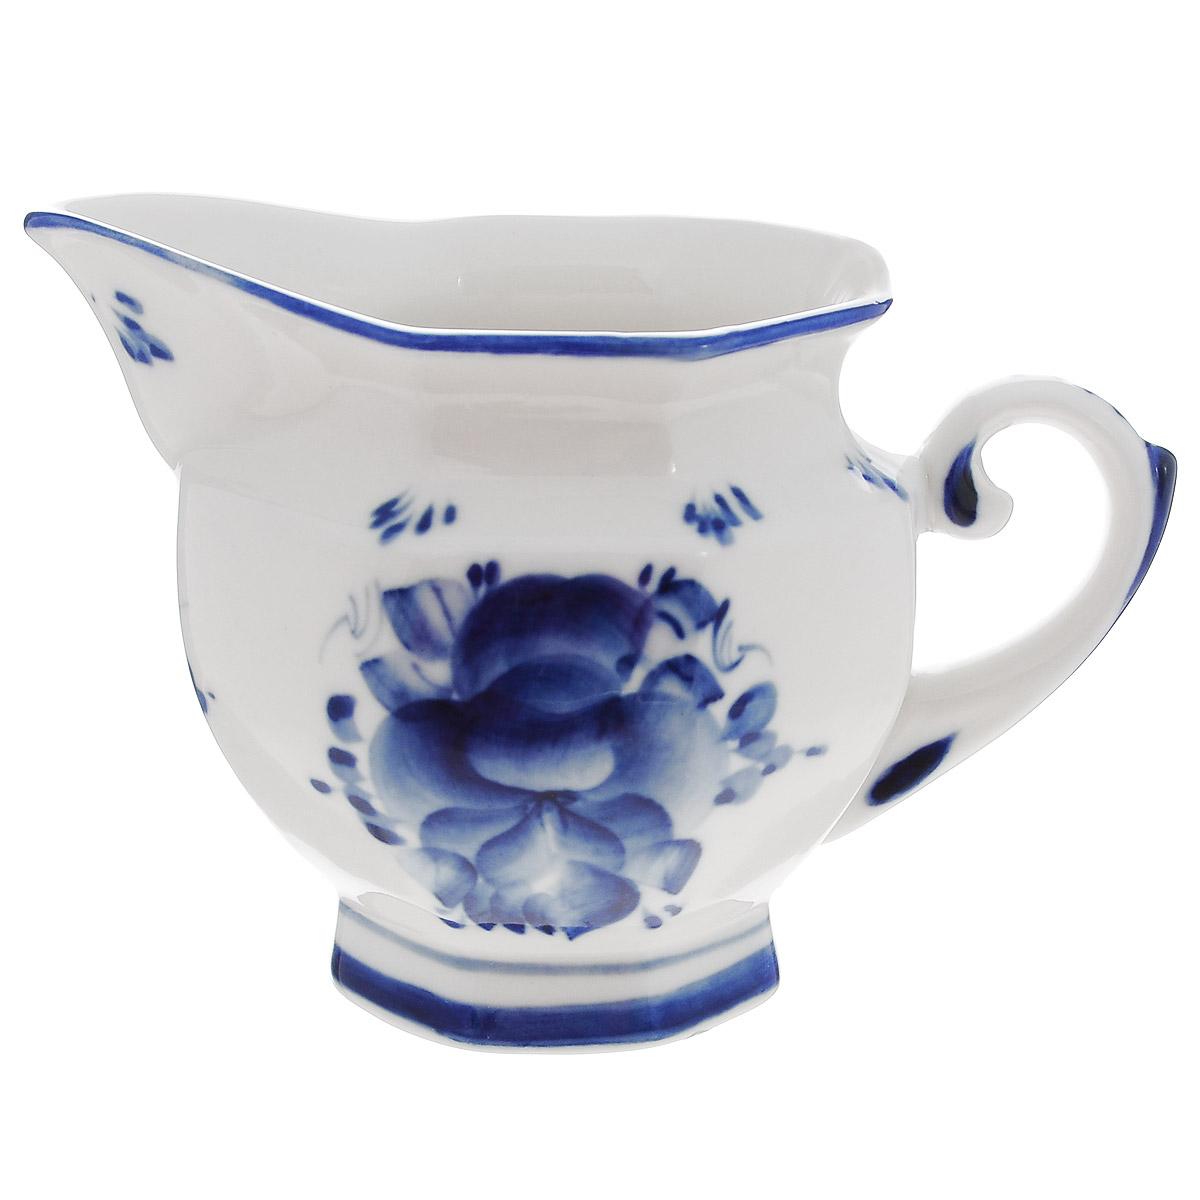 Молочник Гжельские узоры, цвет: белый, синий, 325 мл993004442Молочник Гжельские узоры изготовлен из высококачественной керамики и оформлен легкой росписью, которая сочетает простые линии и орнаменты с красивыми цветочными узорами. Изделие предназначено для подачи молока и сливок. Изящный дизайн молочника придется по вкусу и ценителям классики, и тем, кто предпочитает утонченность и изысканность. Гжель - один из традиционных российских центров производства керамики и известный народный художественный промысел России. Производят изделия в Московской области, в обширном районе из 27 деревень, называемых Гжельский куст. Профессиональные мастера сохраняют традиции росписи и создают истинные шедевры. Ей характерна изящная роспись в синих тонах на белом фоне. Традиционными считаются изображения птиц, цветов и узоров. Роспись на изделиях выполняется вручную. Каждое изделие уникально. Гжельская посуда никогда не выцветает и абсолютно безопасна для здоровья. На дне стоит клеймо Гжельского производства. ...